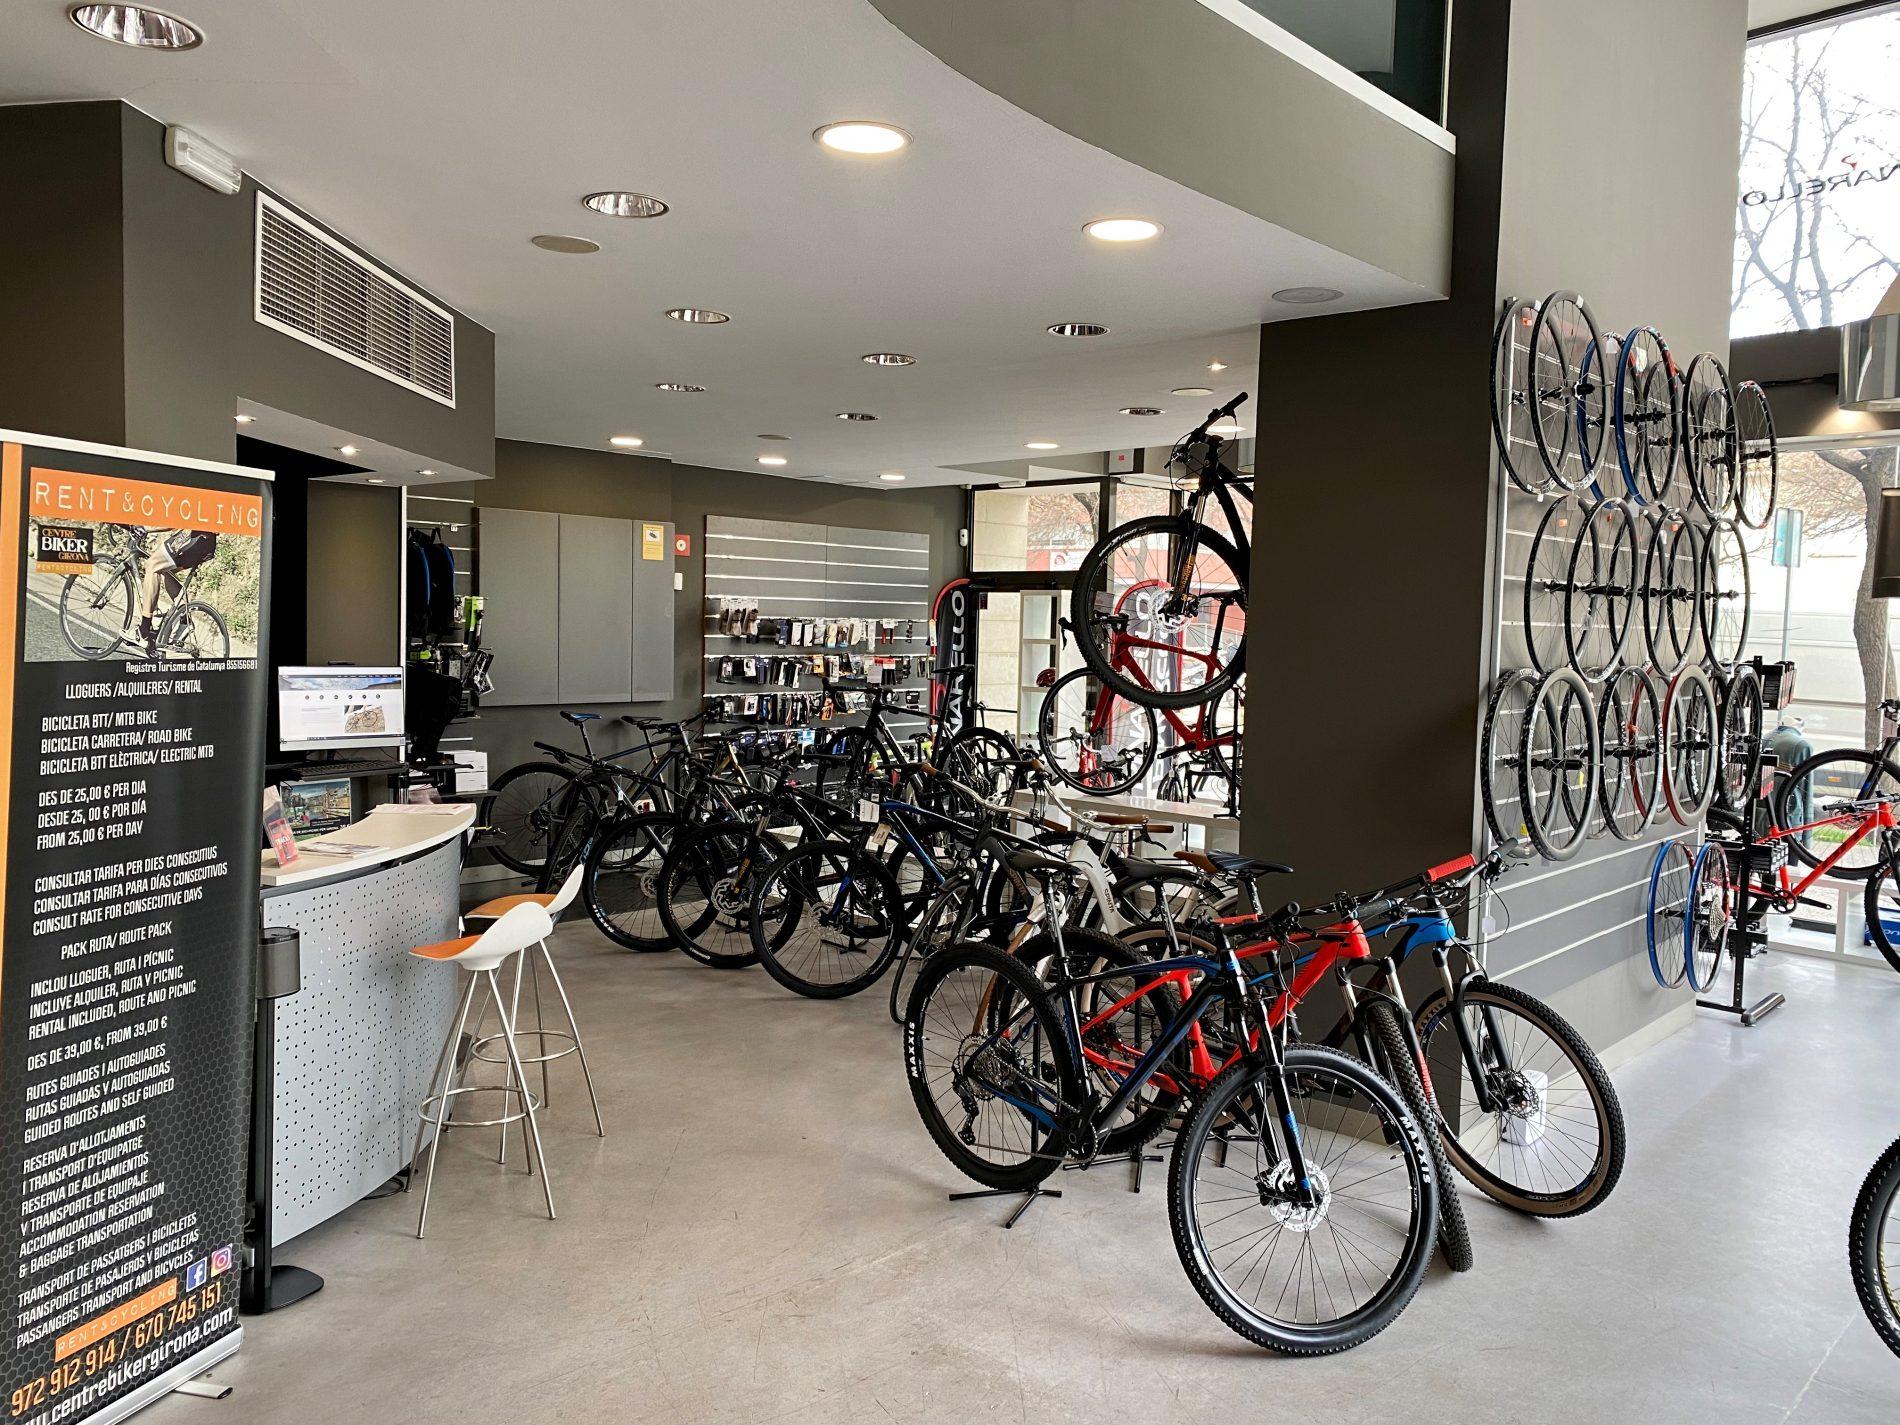 imatge de les bicis de la botiga del centre Biker